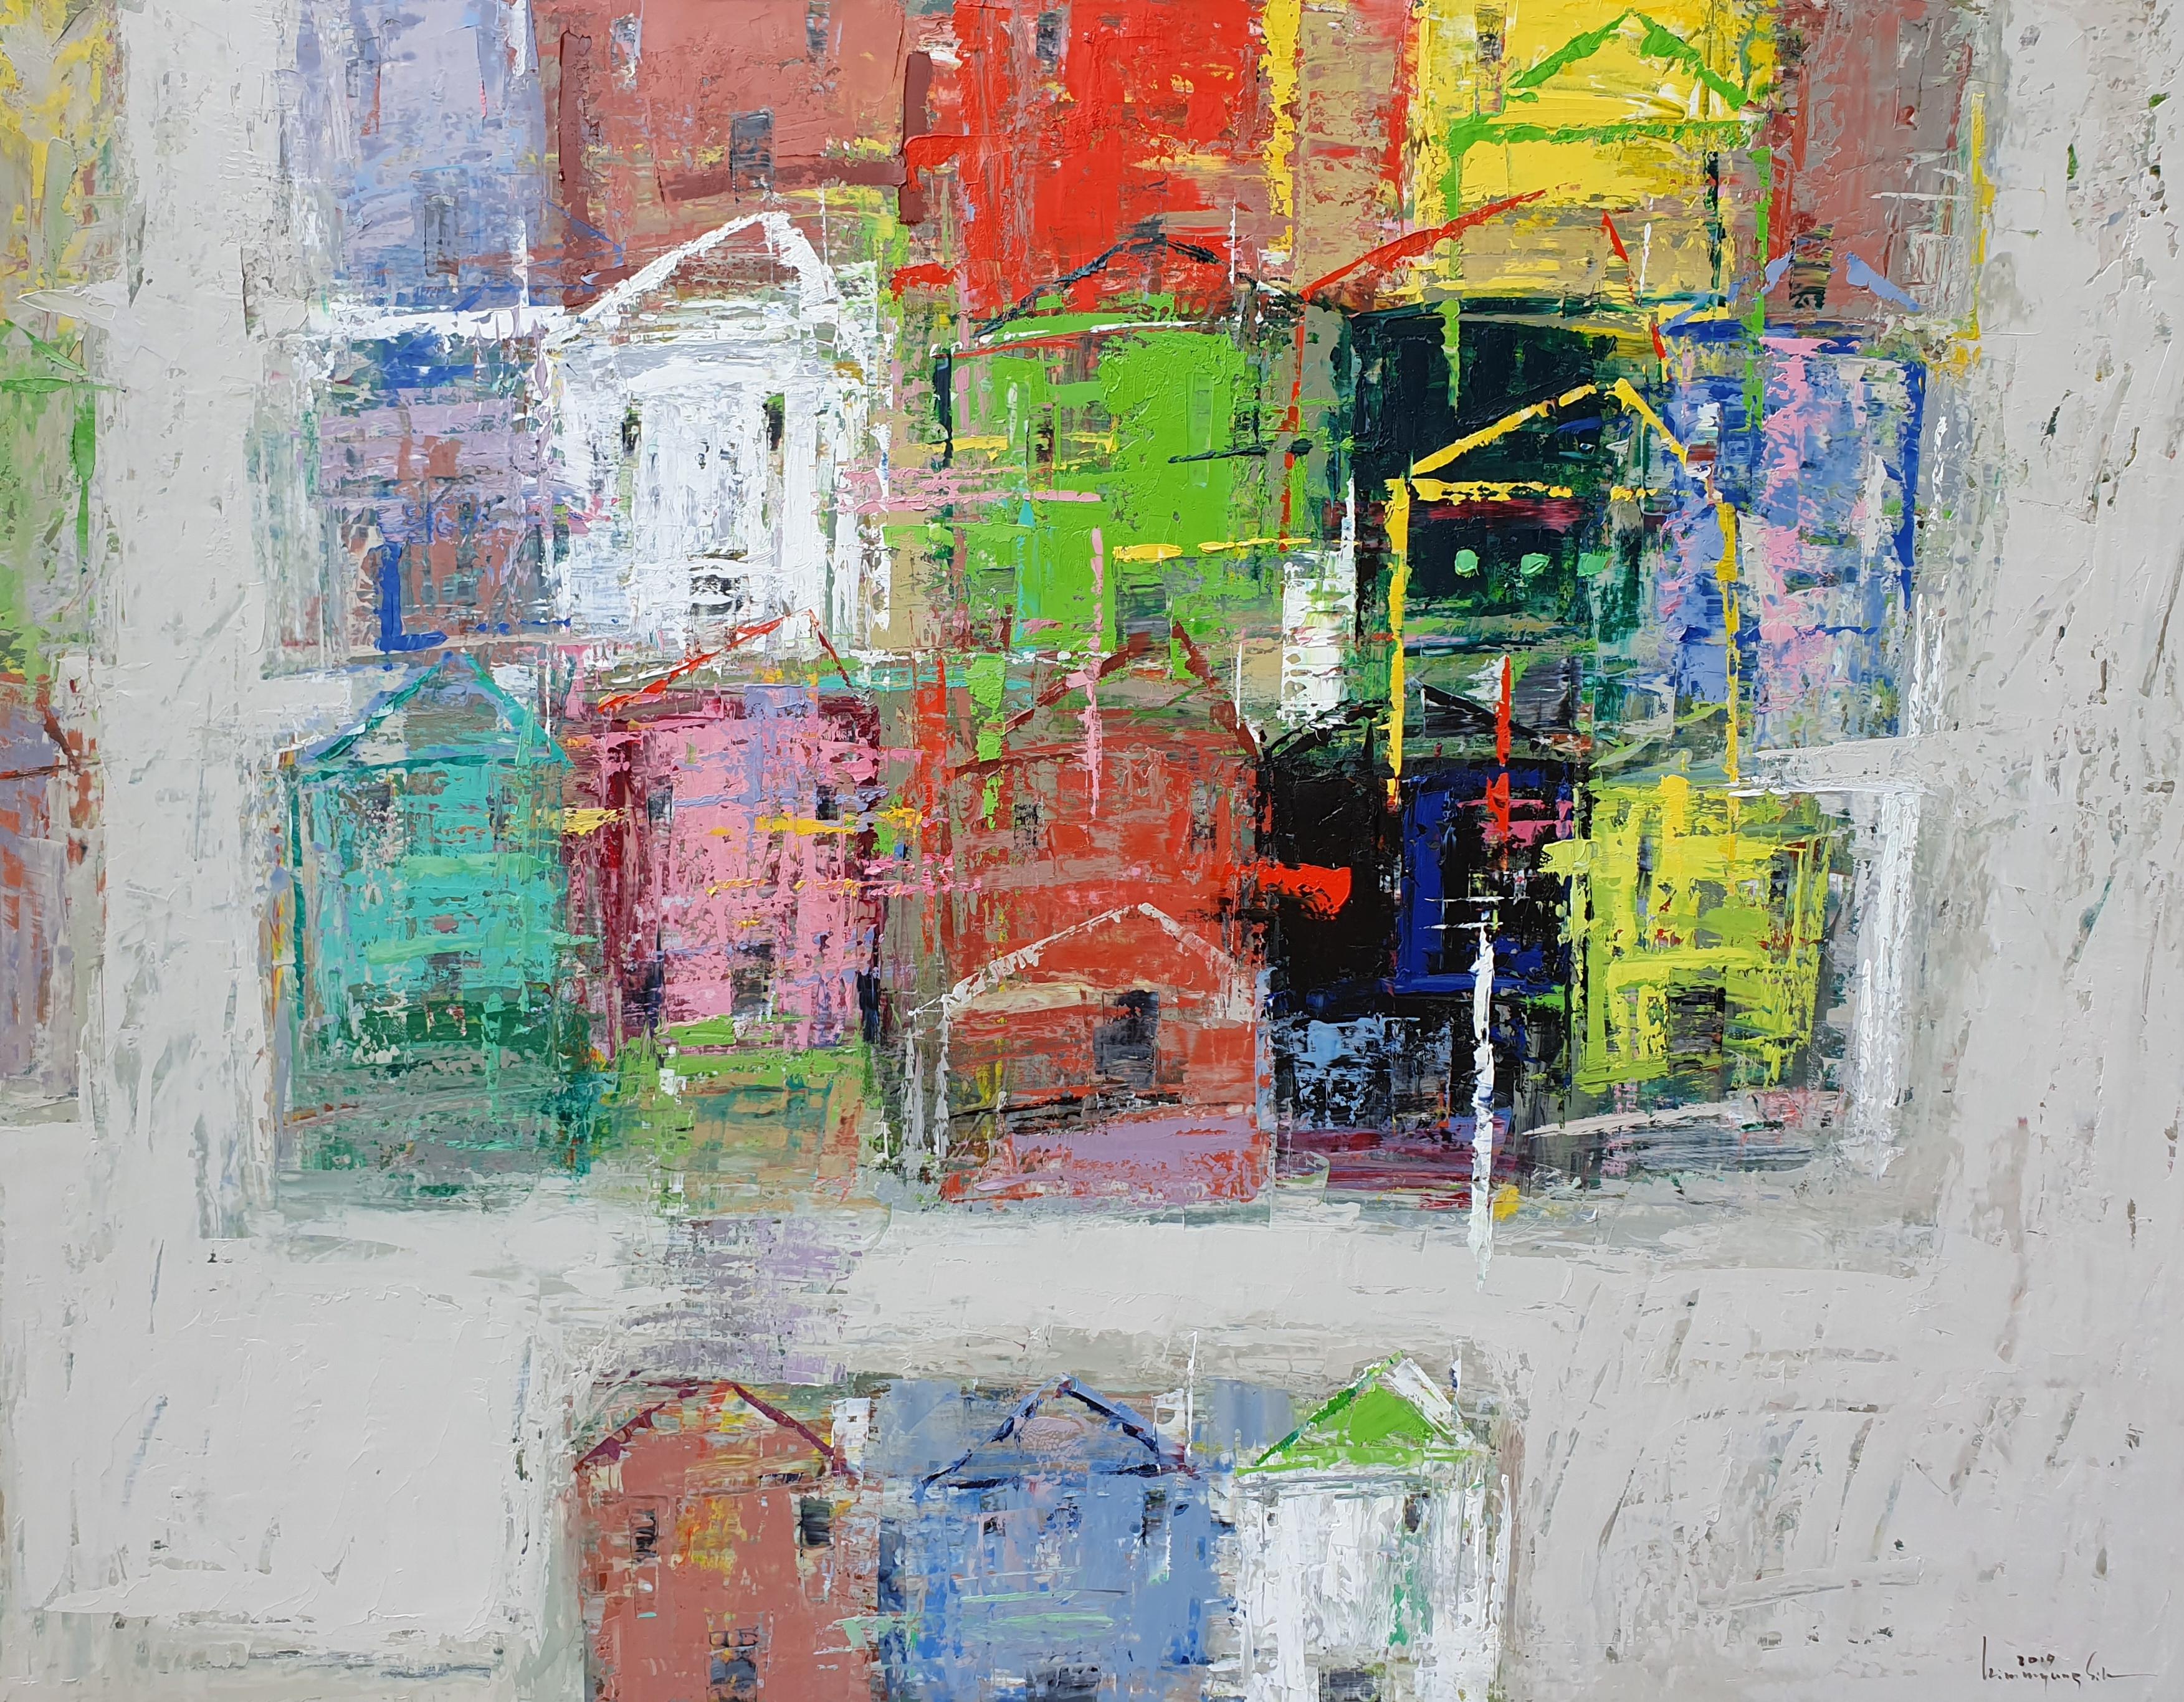 009, 김명식, East Side19-JU02, 116.8 x 71